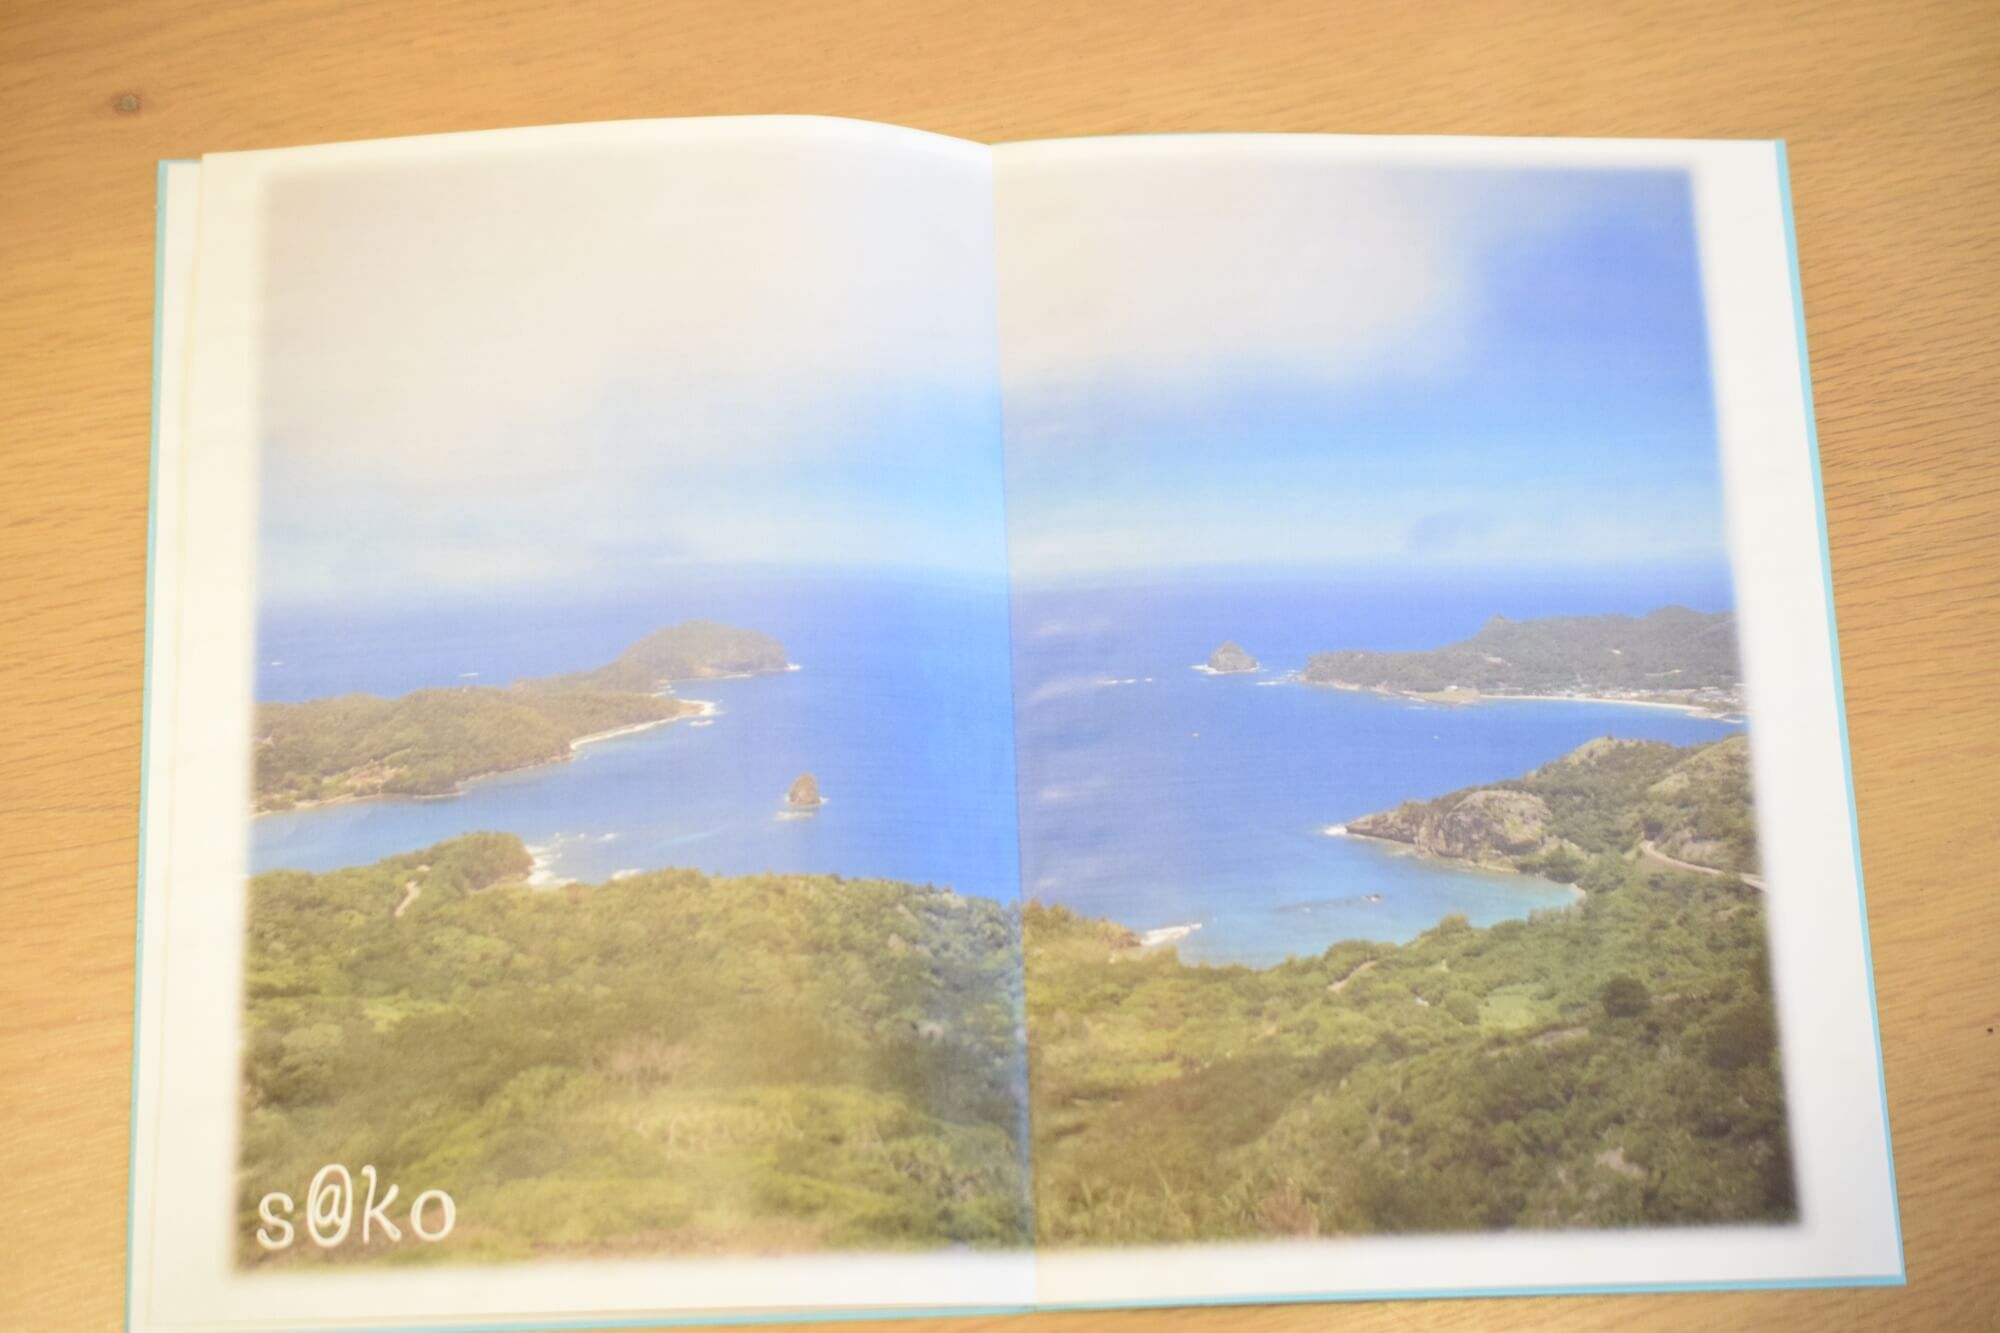 佐伊さんが撮影し作った小笠原諸島の冊子